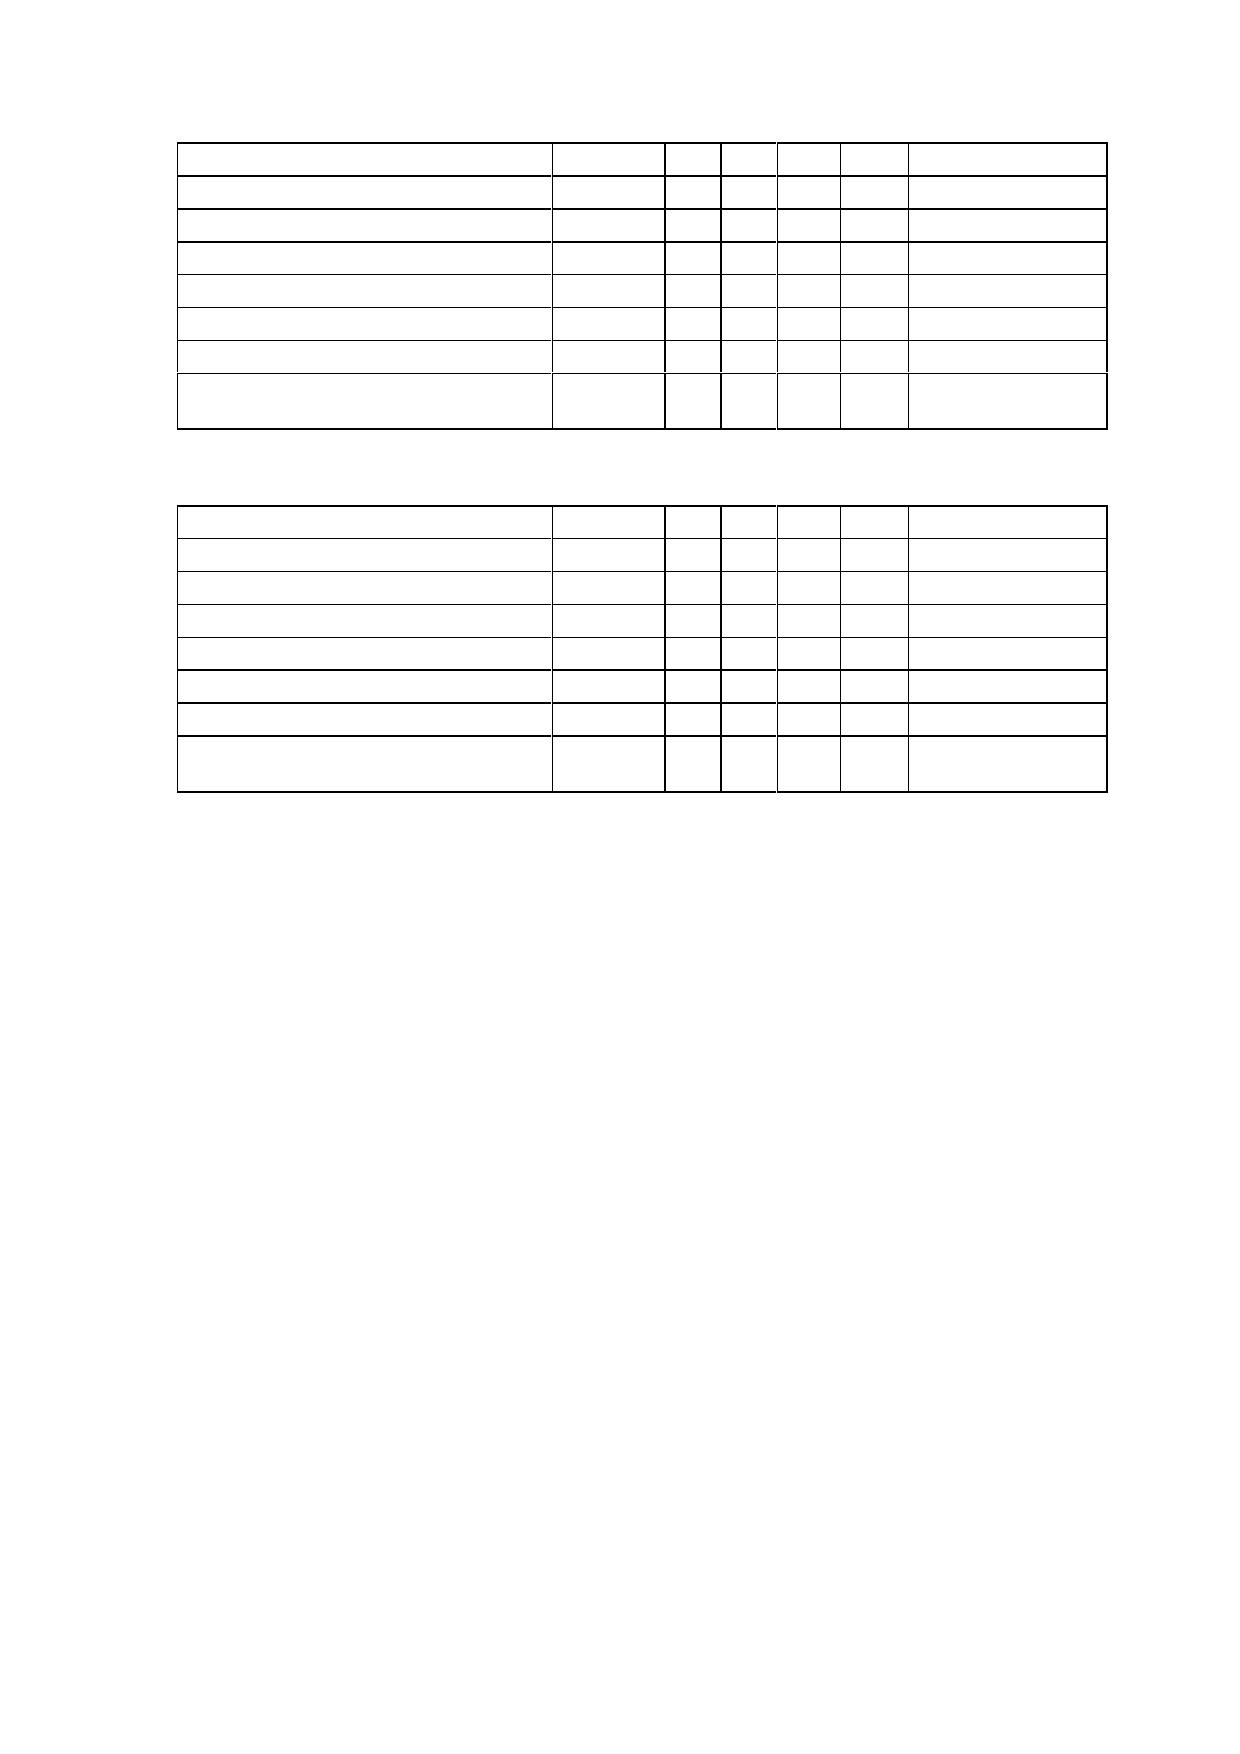 WCN3-0040SR-C11 pdf